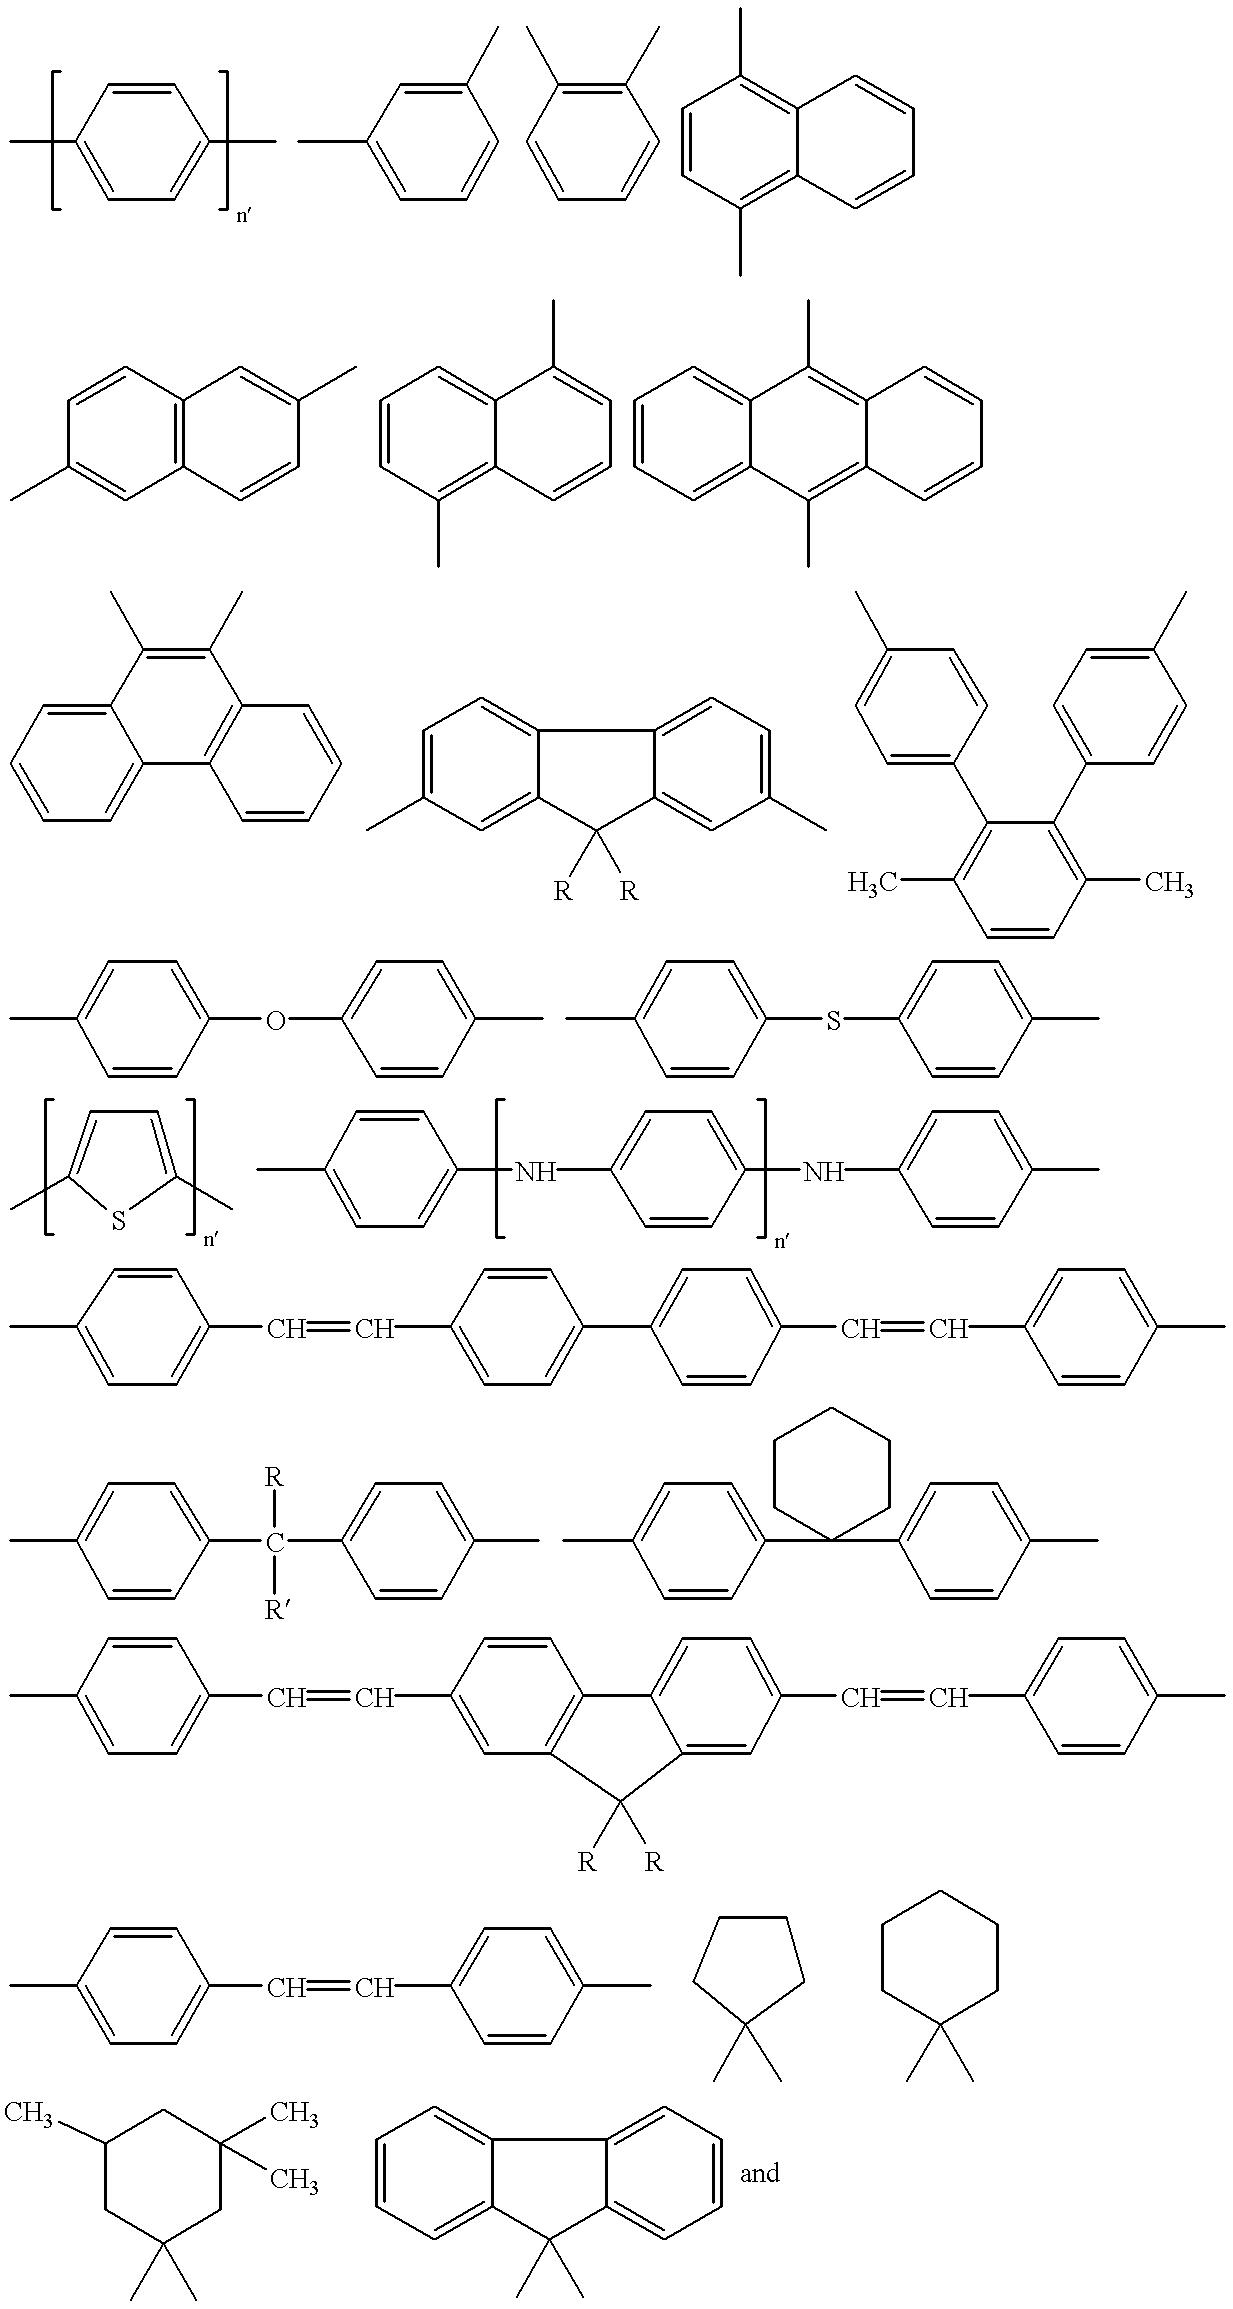 Figure US06289196-20010911-C00007